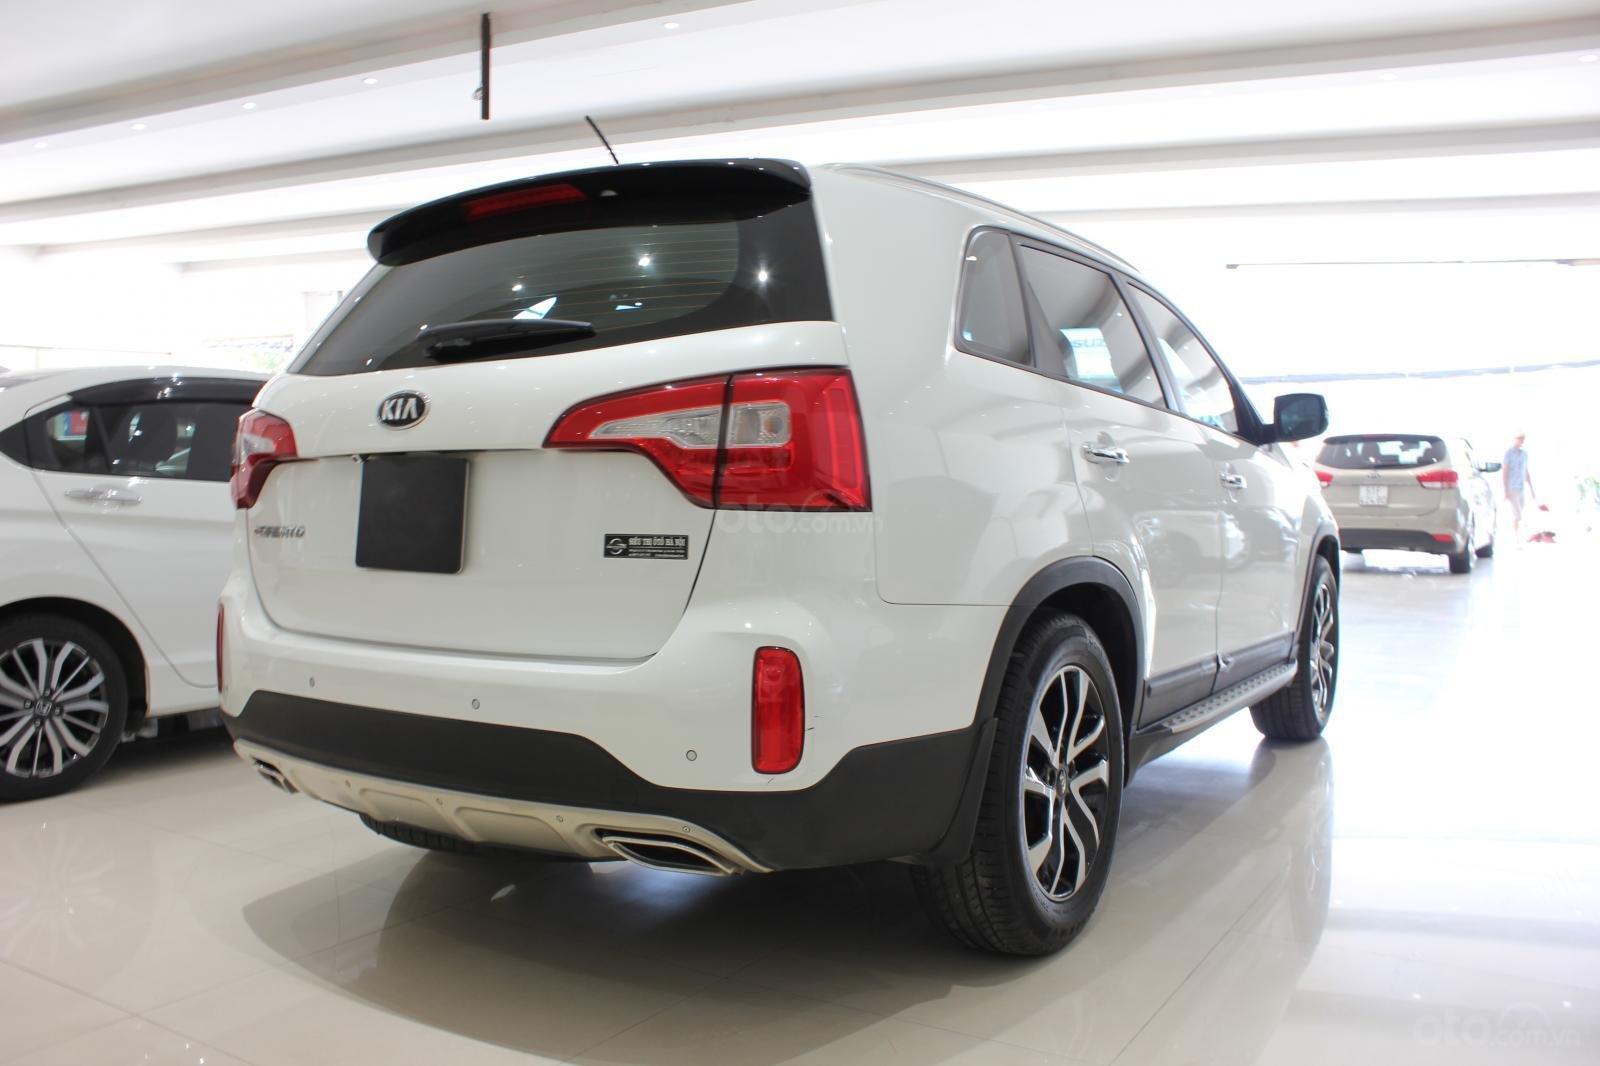 Bán xe Kia Sorento GATH 2.4AT SX 2019, màu trắng, xe đẹp, biển SG 9 nút, giá TL (11)